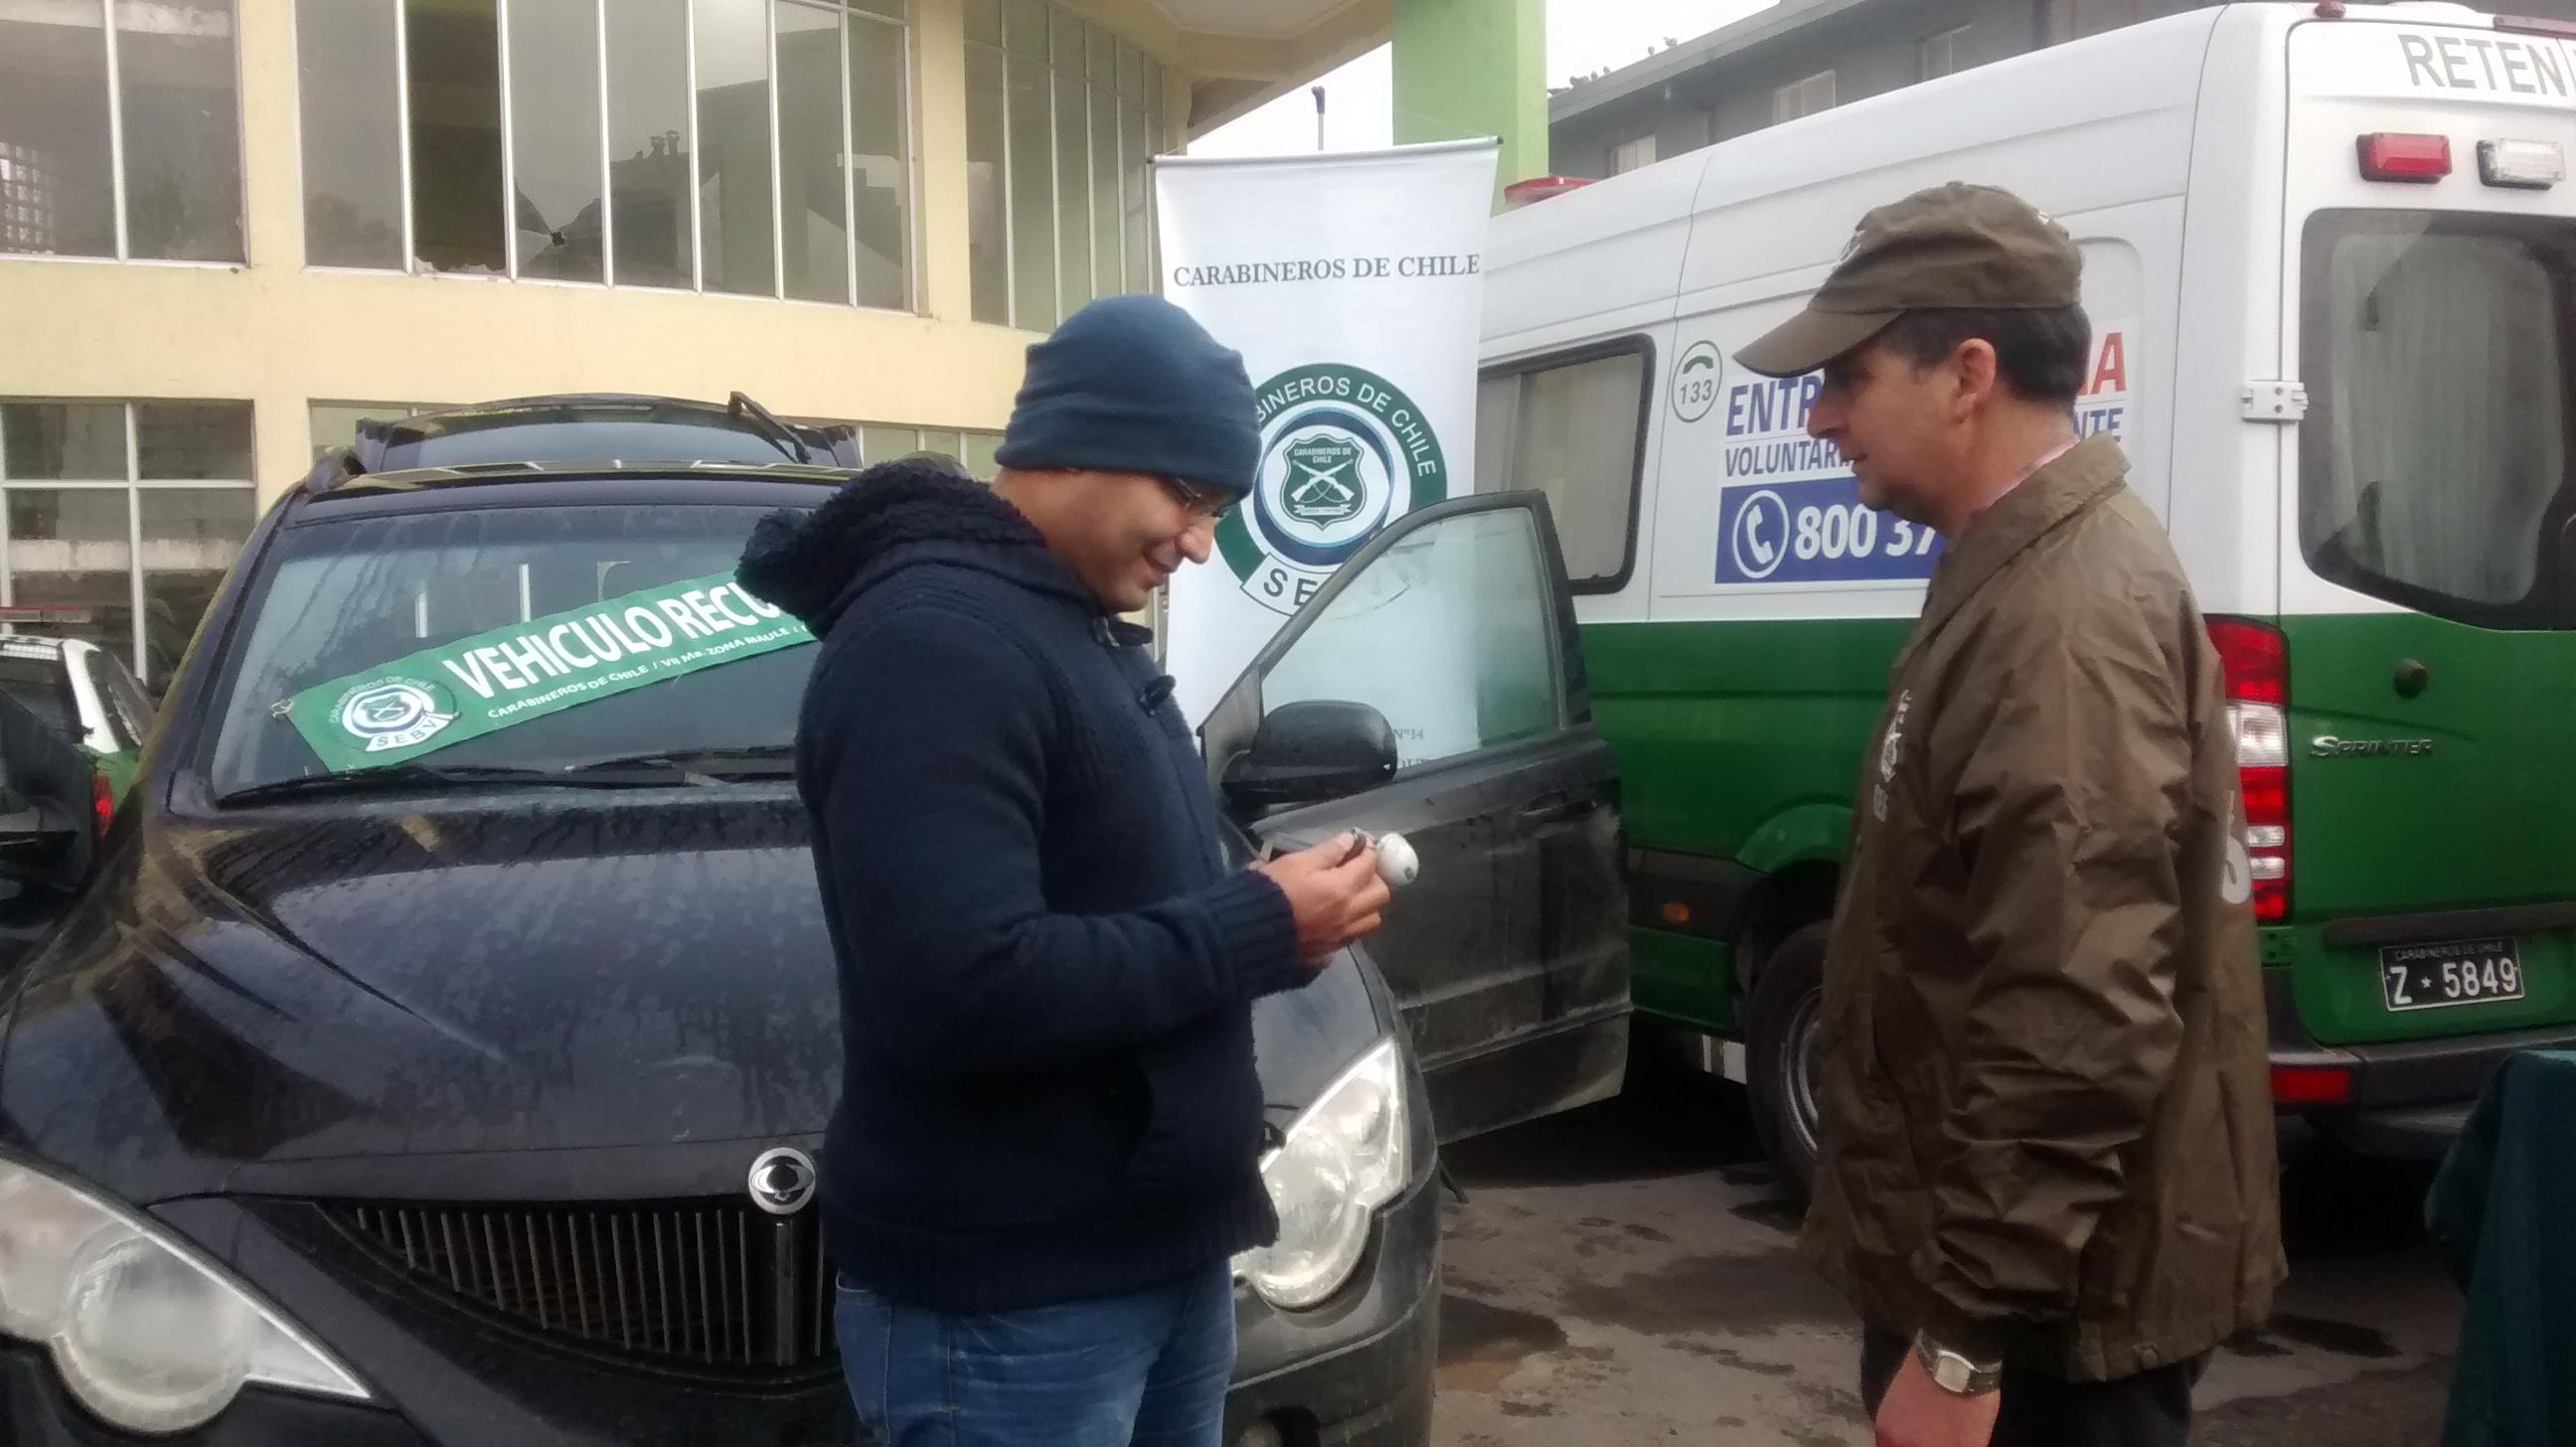 Médico ecuatoriano recupera camioneta robada en Talca